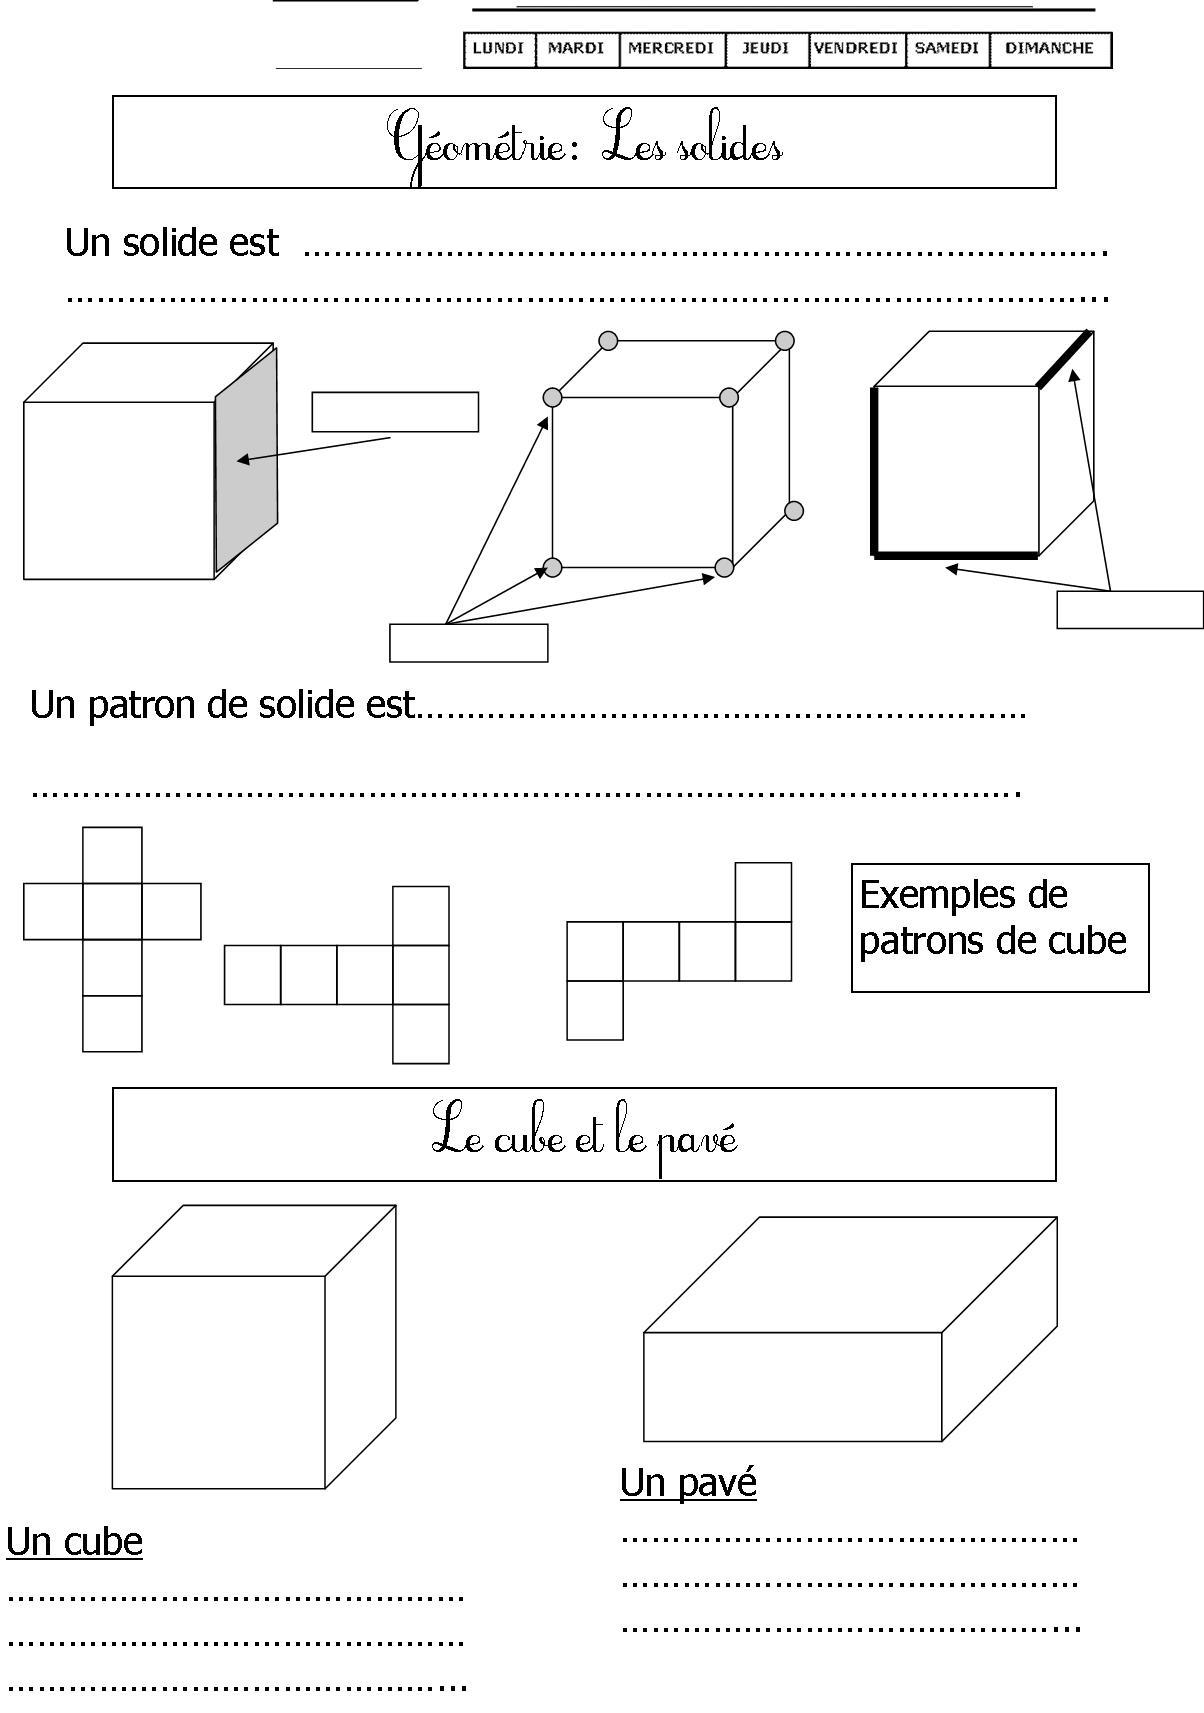 Géométrie Ce1 | Le Blog De Monsieur Mathieu concernant Symétrie Ce1 Exercices